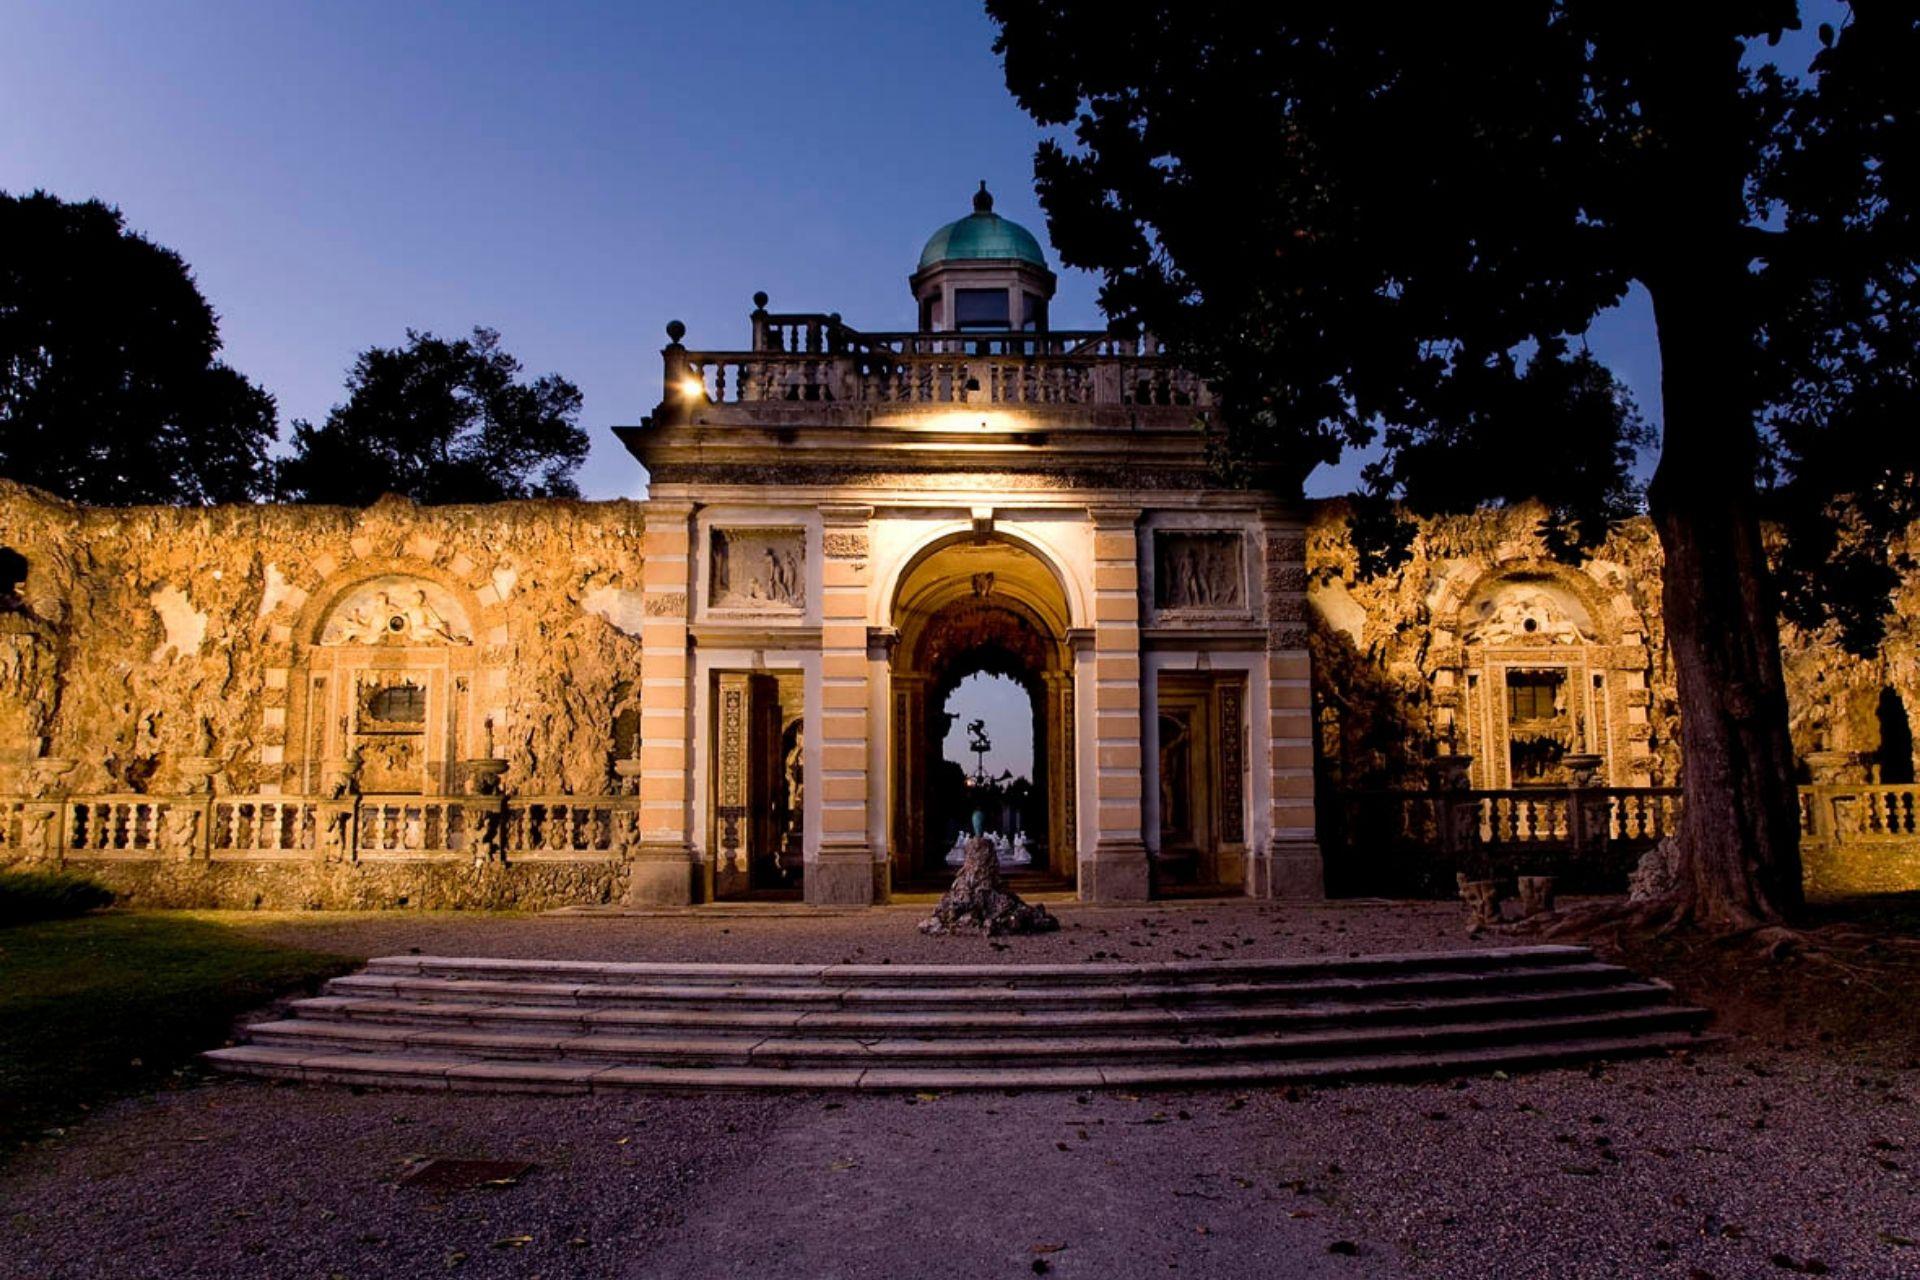 Villa Litta Borromeo